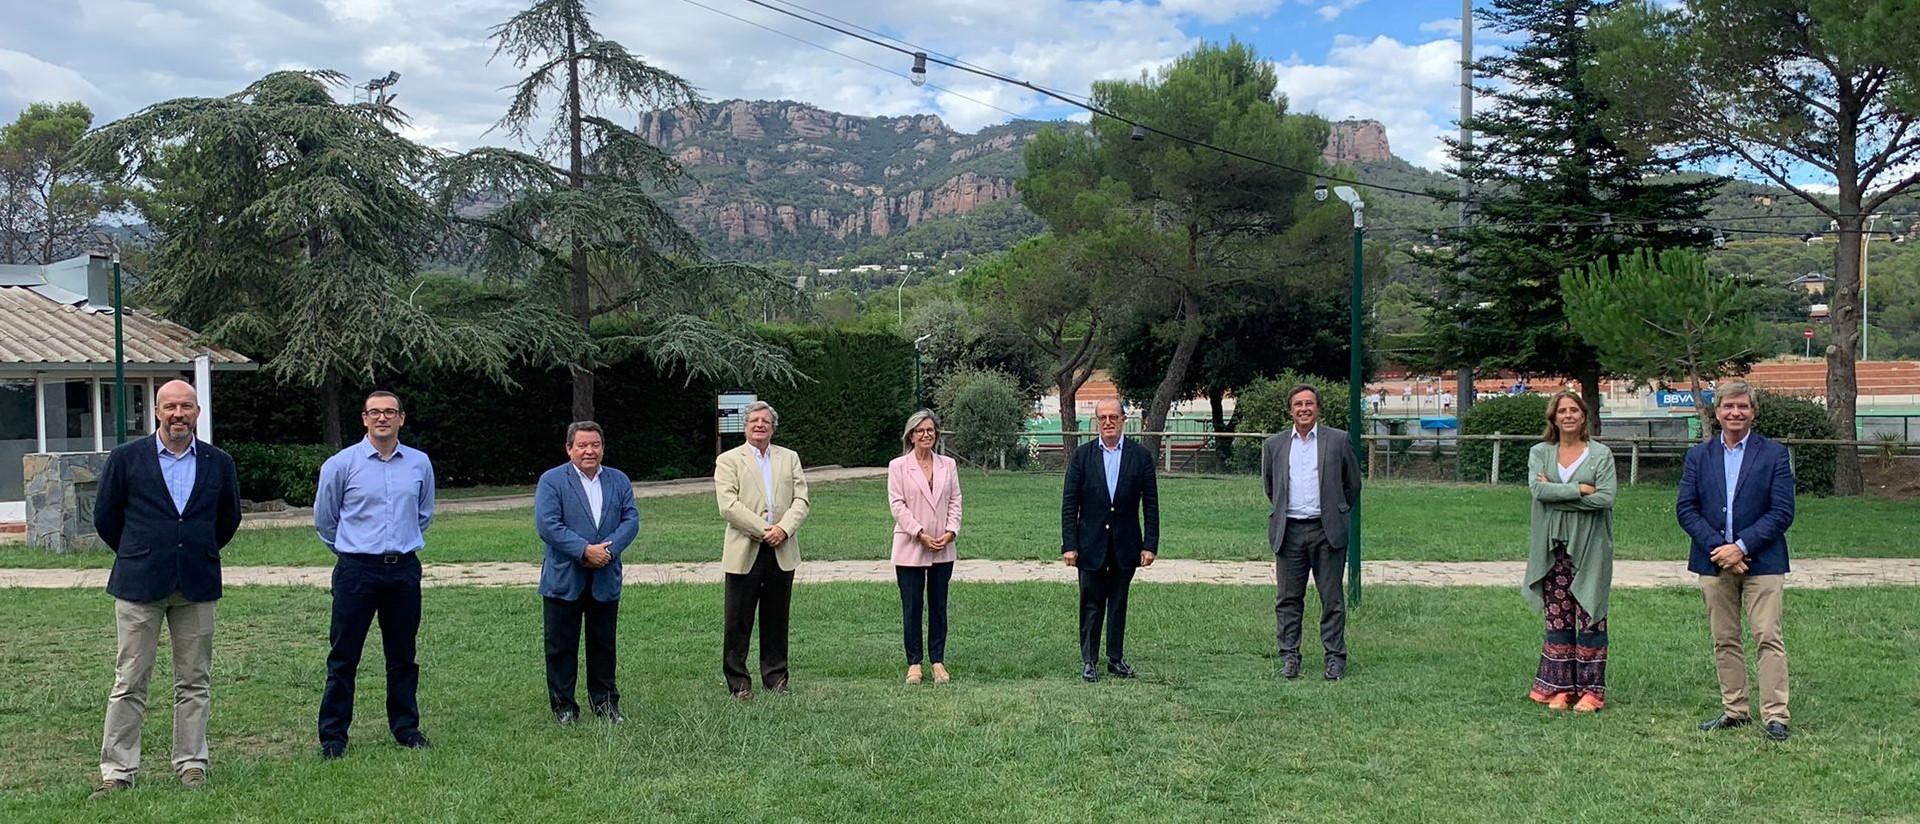 Representants de les federacions i clubs de Terrassa en una reunió per parlar del Mundial   RFEH